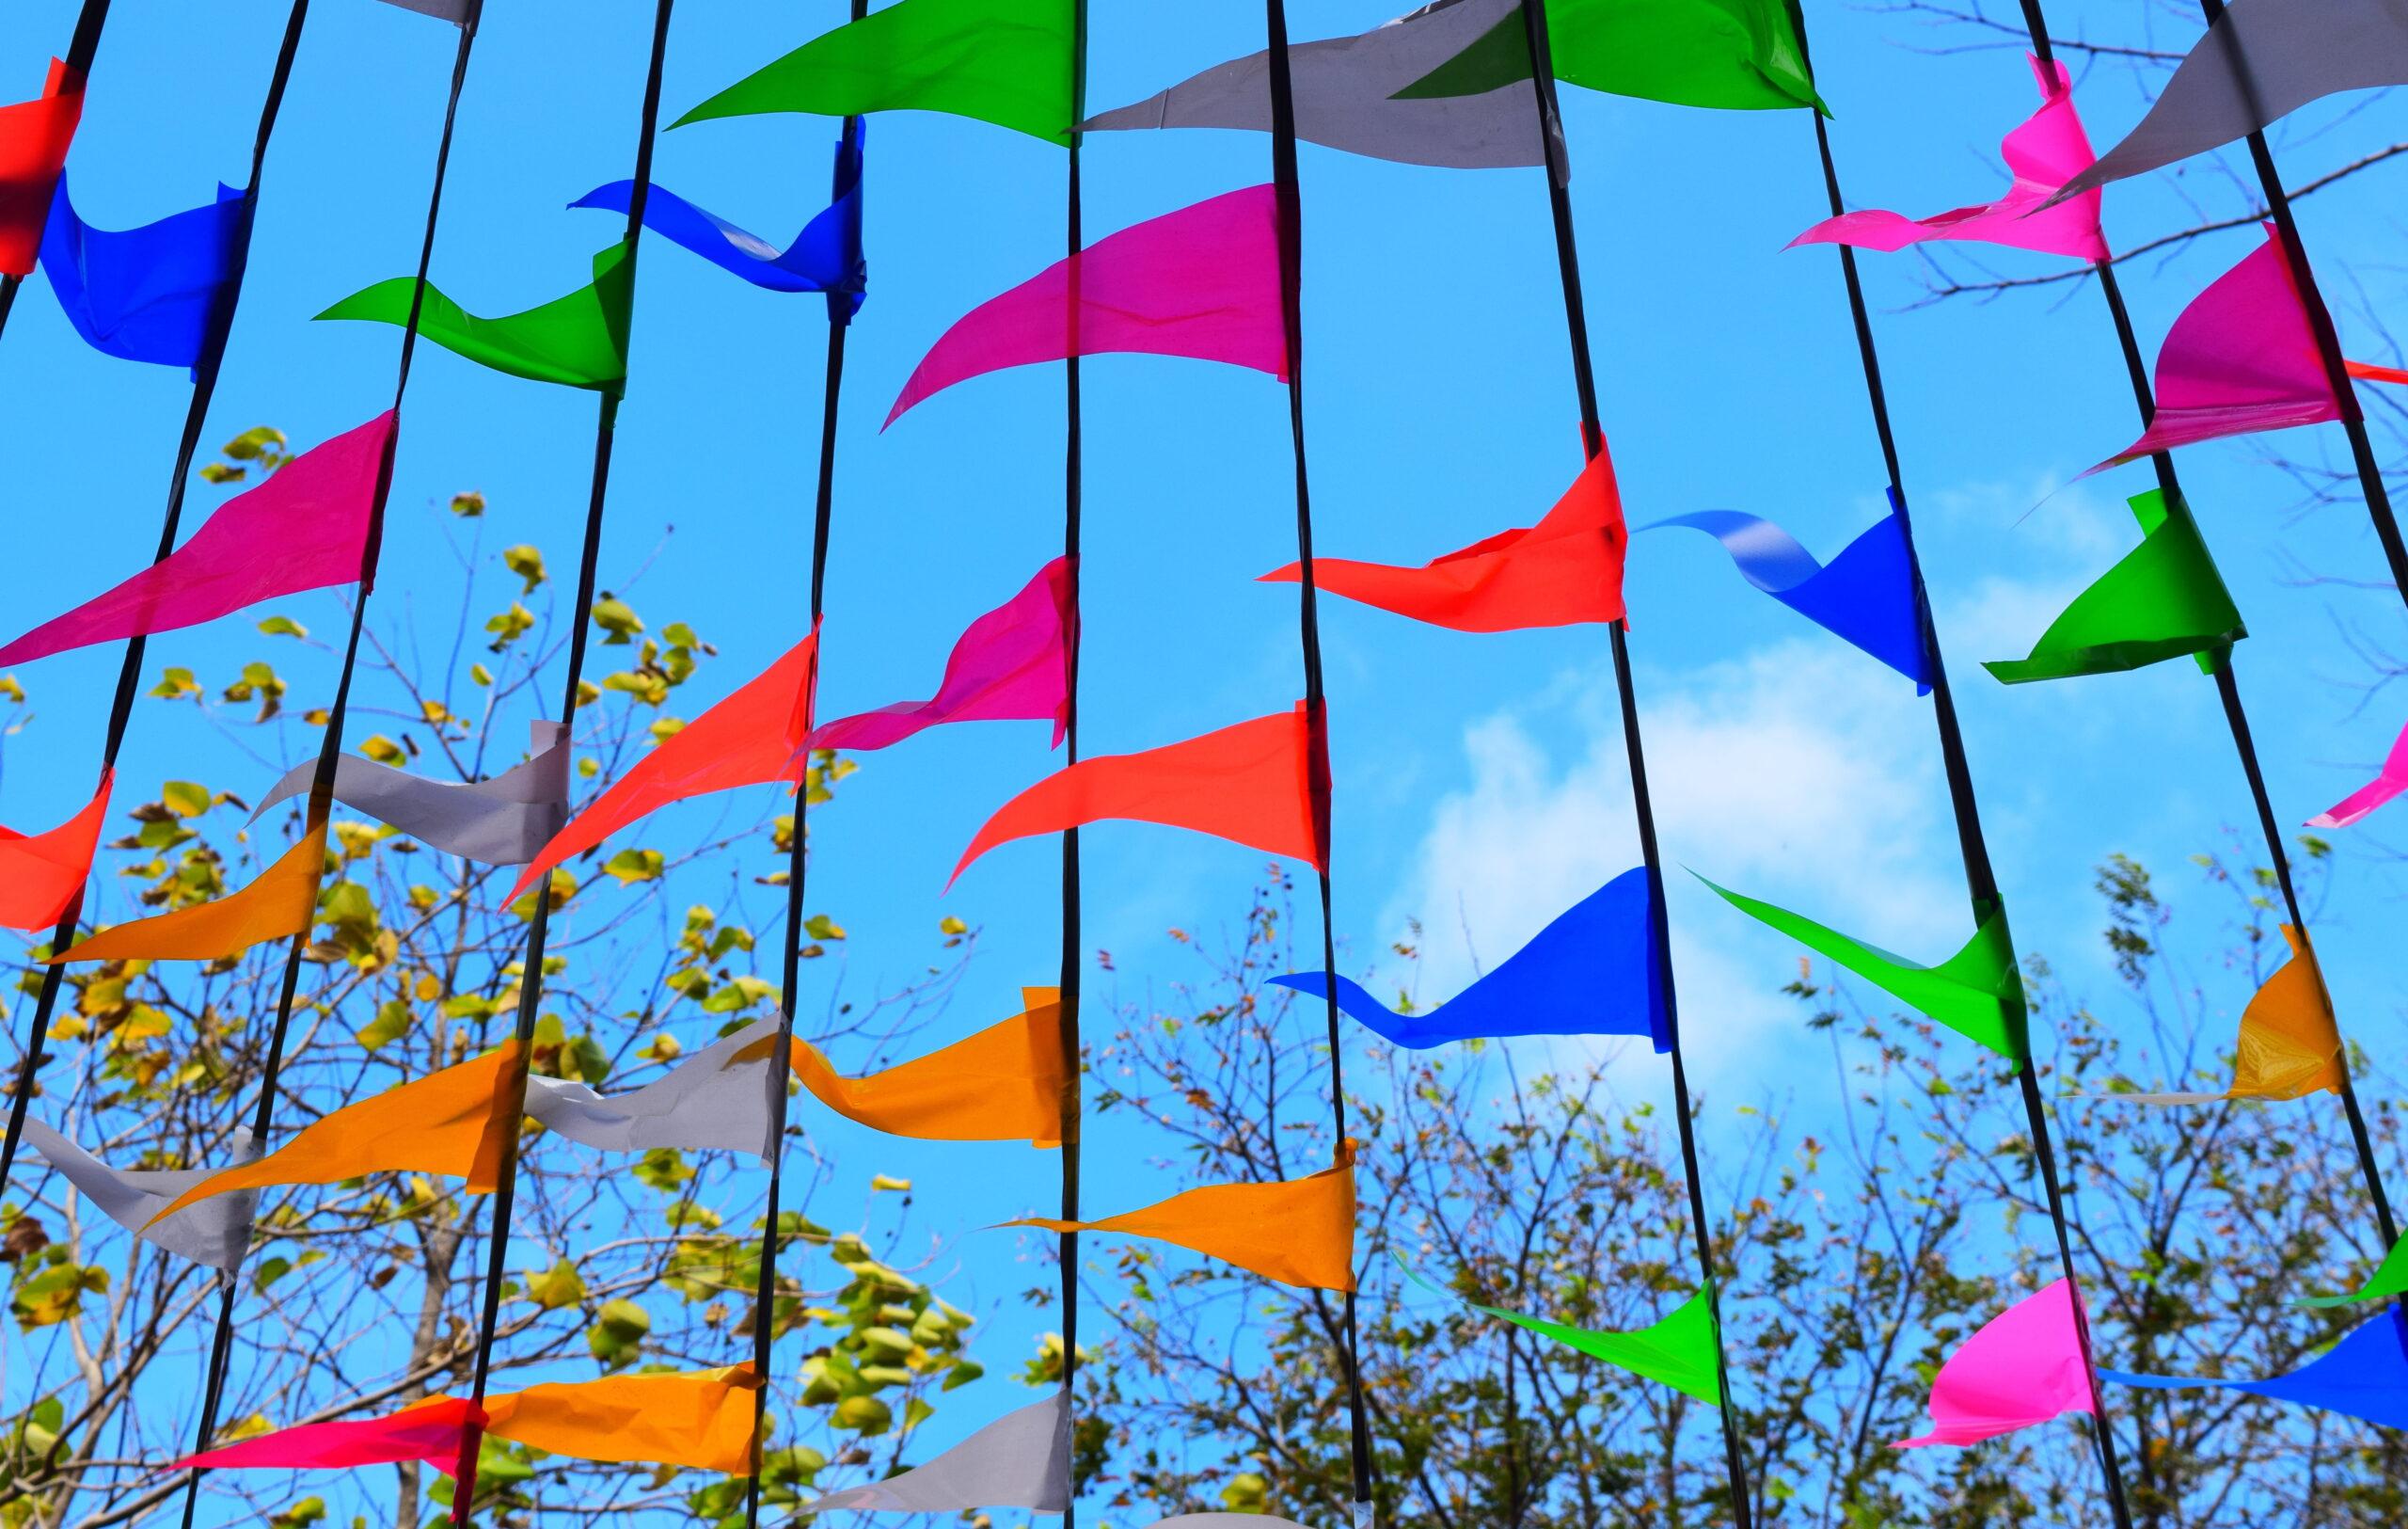 banderas triangulares de colores